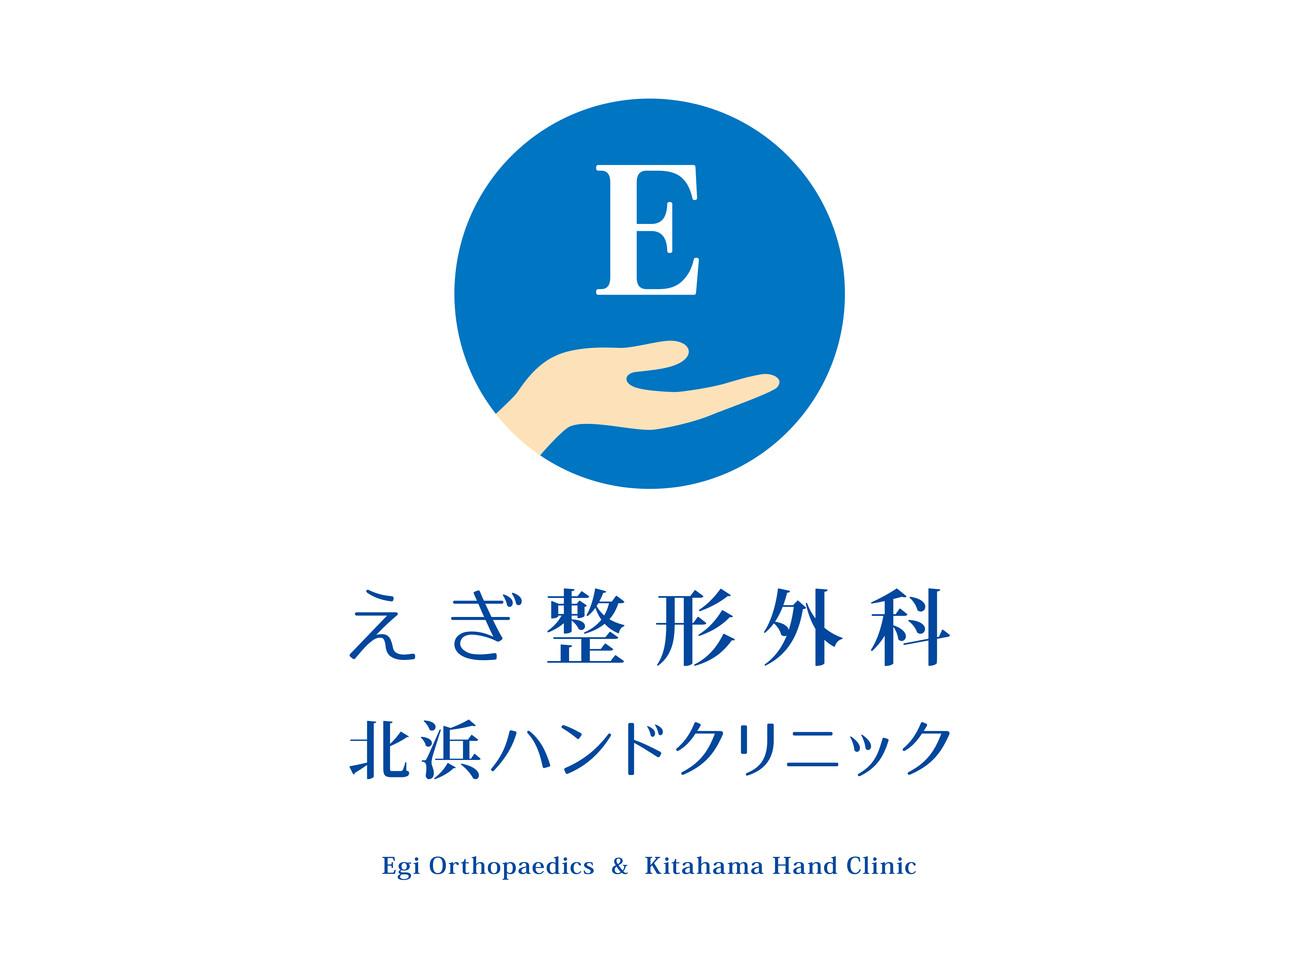 200930 えぎ整形外科_ロゴデータ+.jpg